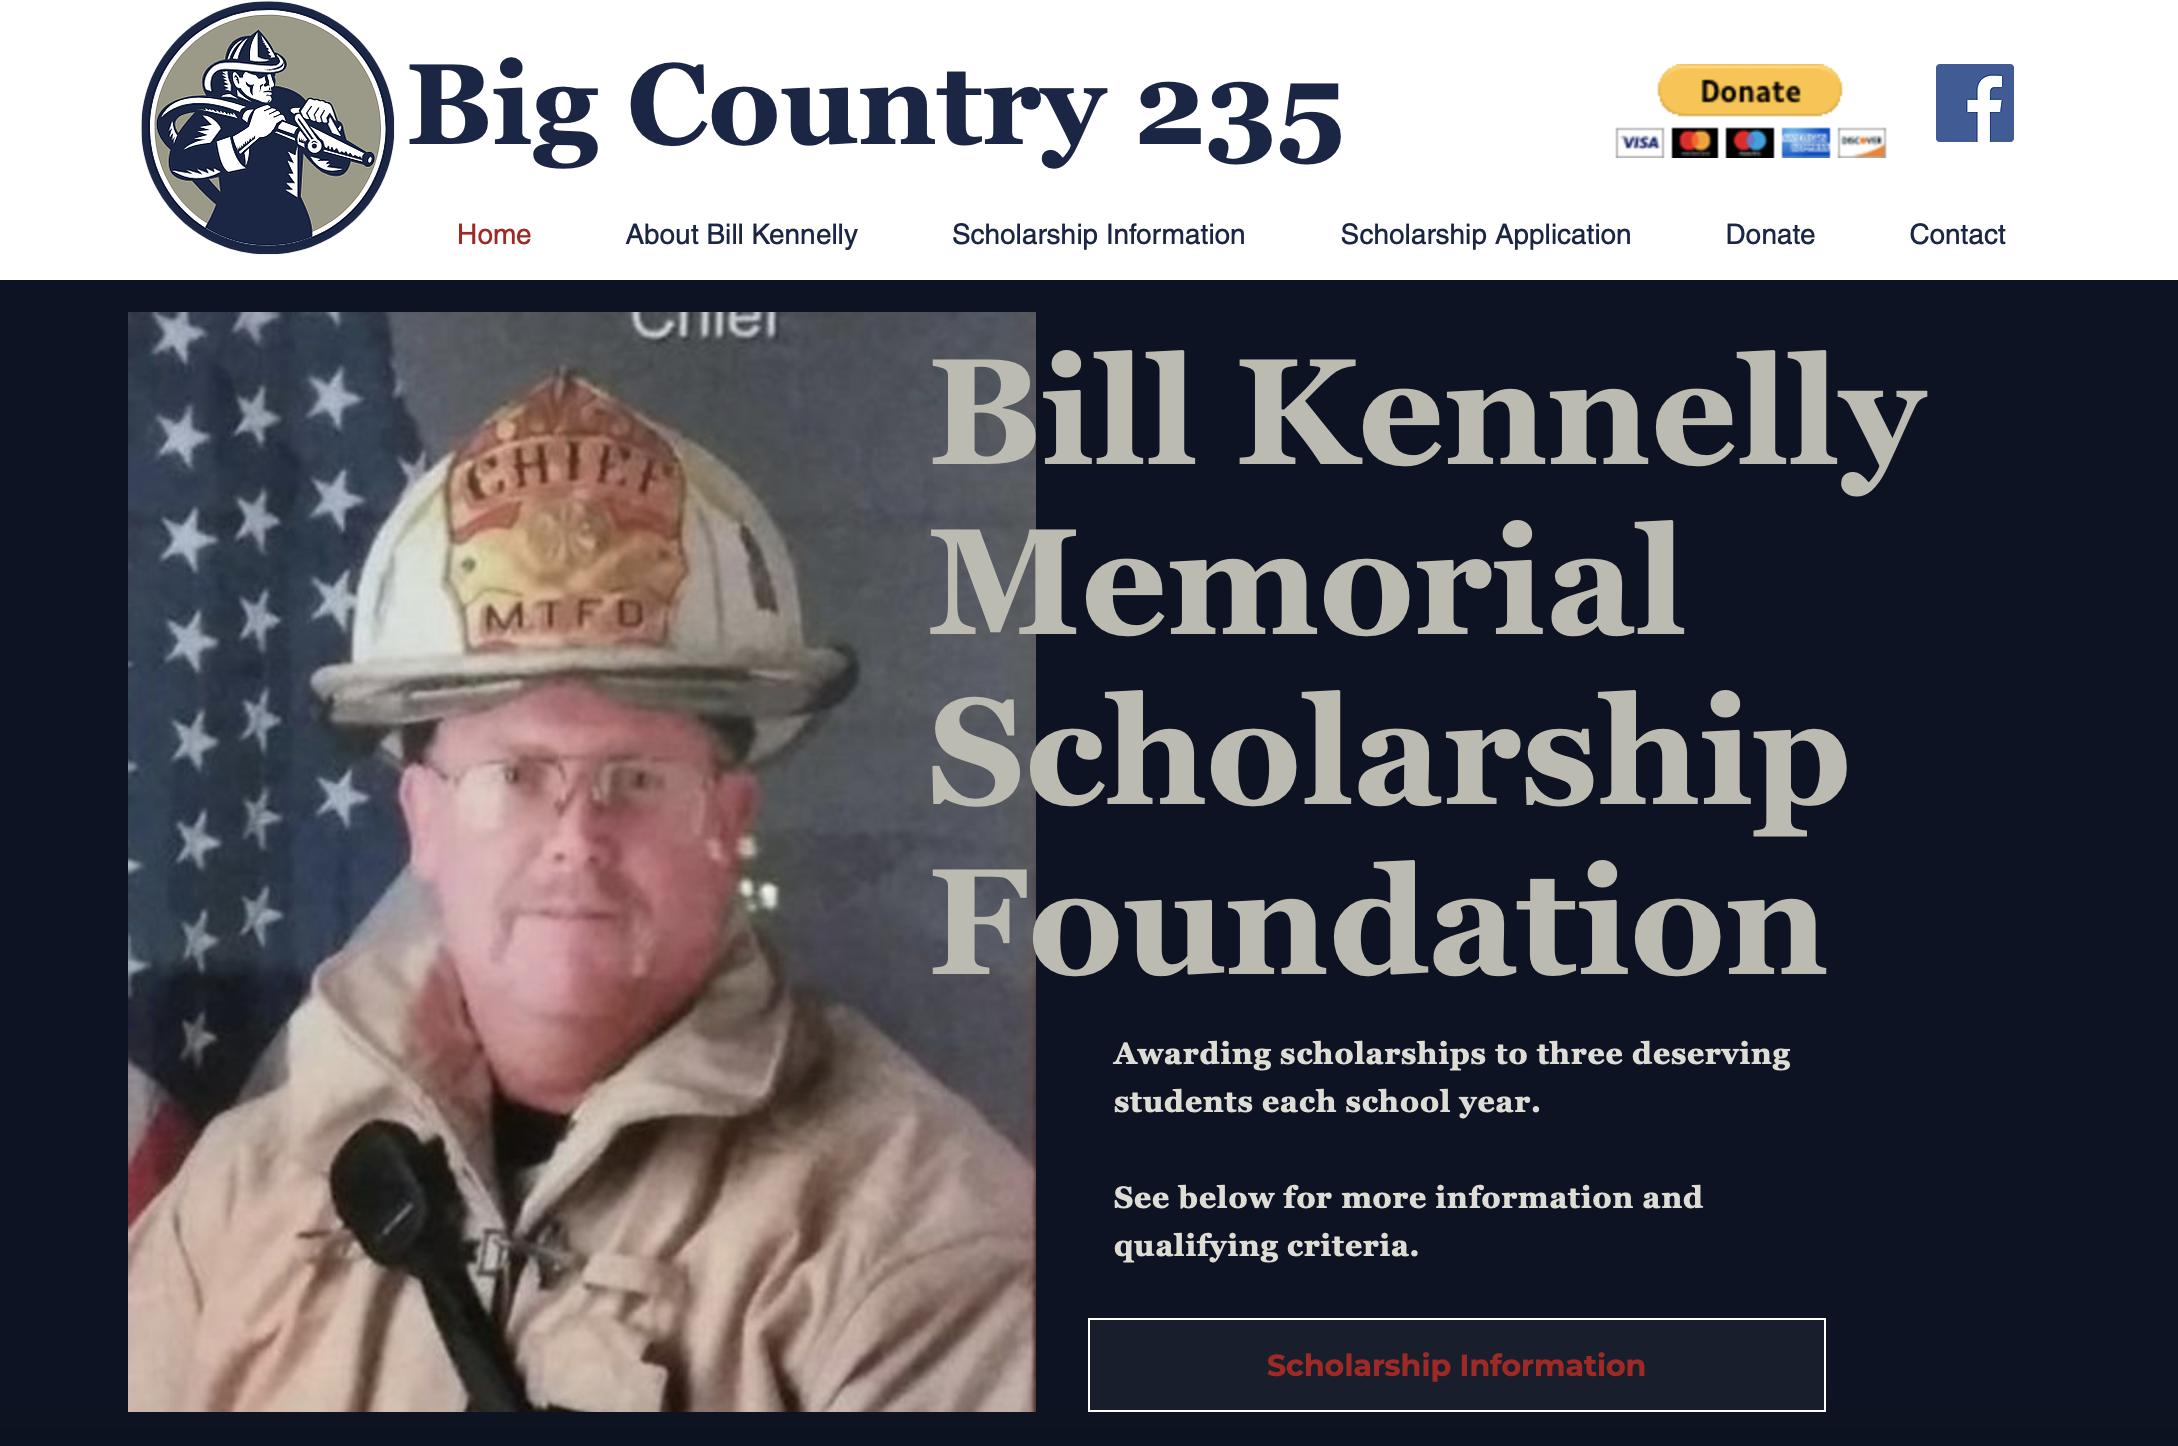 BigCountry235.com